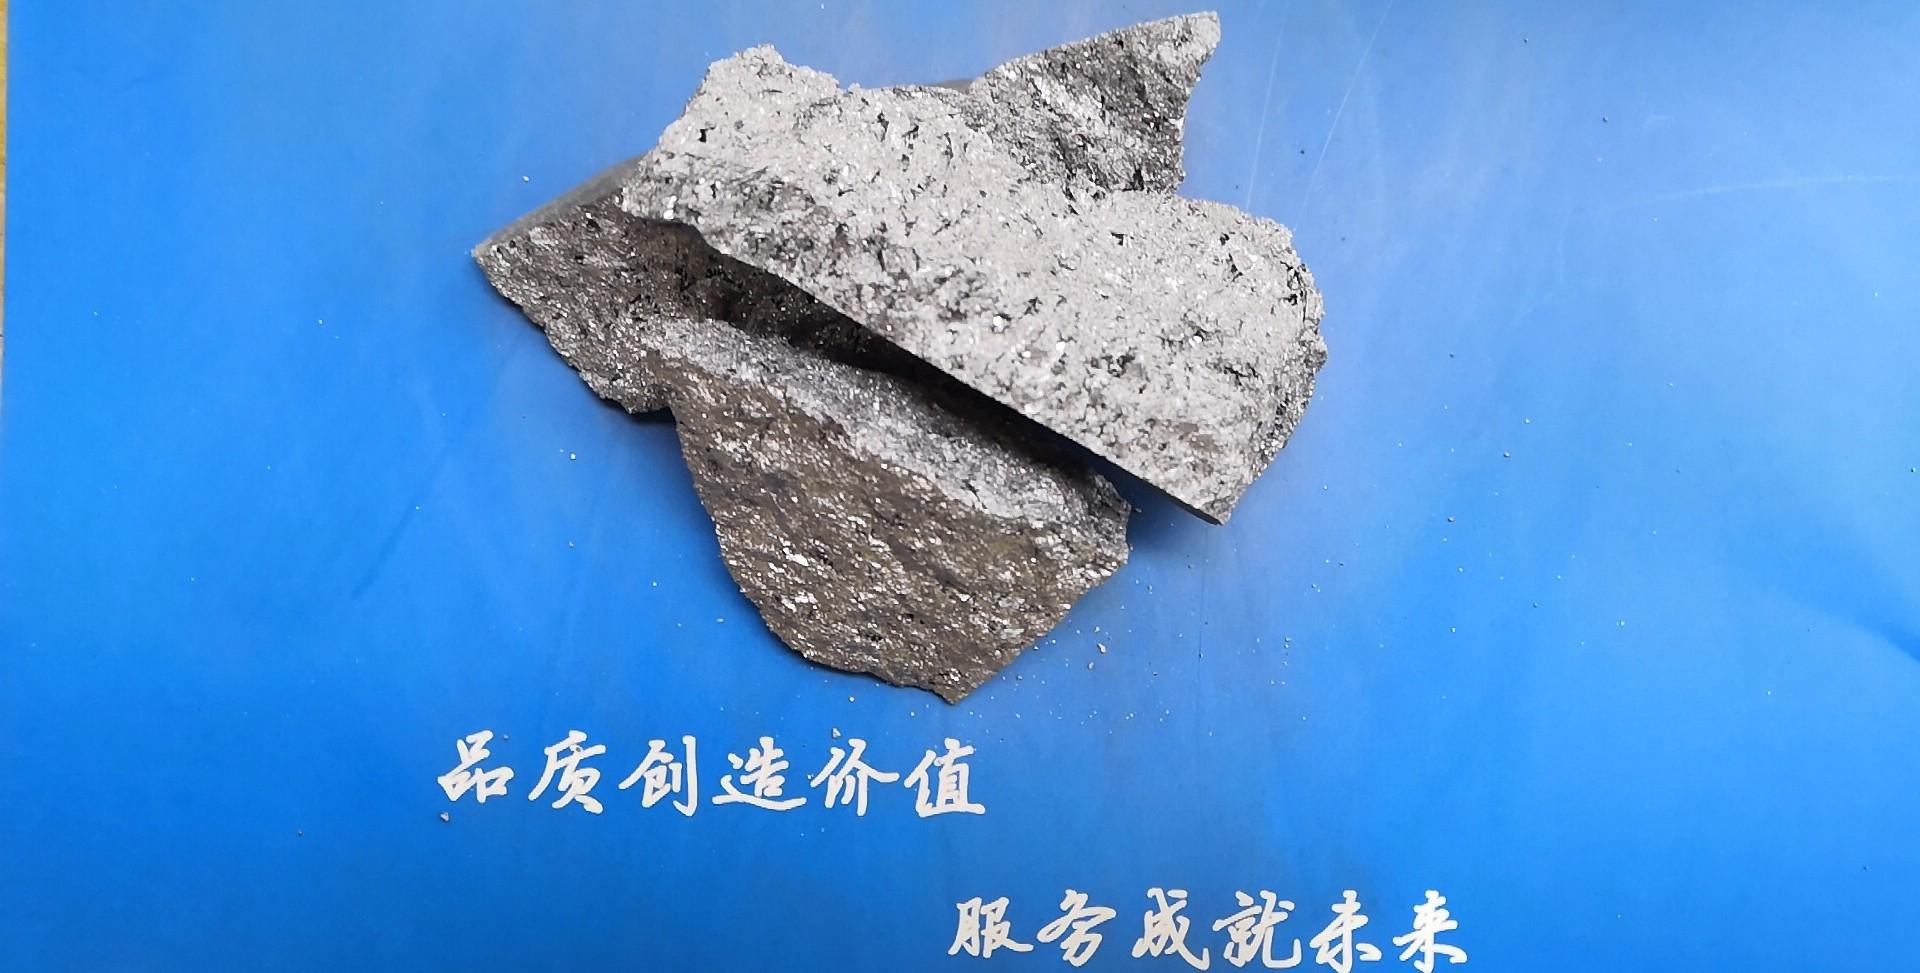 【硅铁】原料价格略有上涨 现货维持坚挺